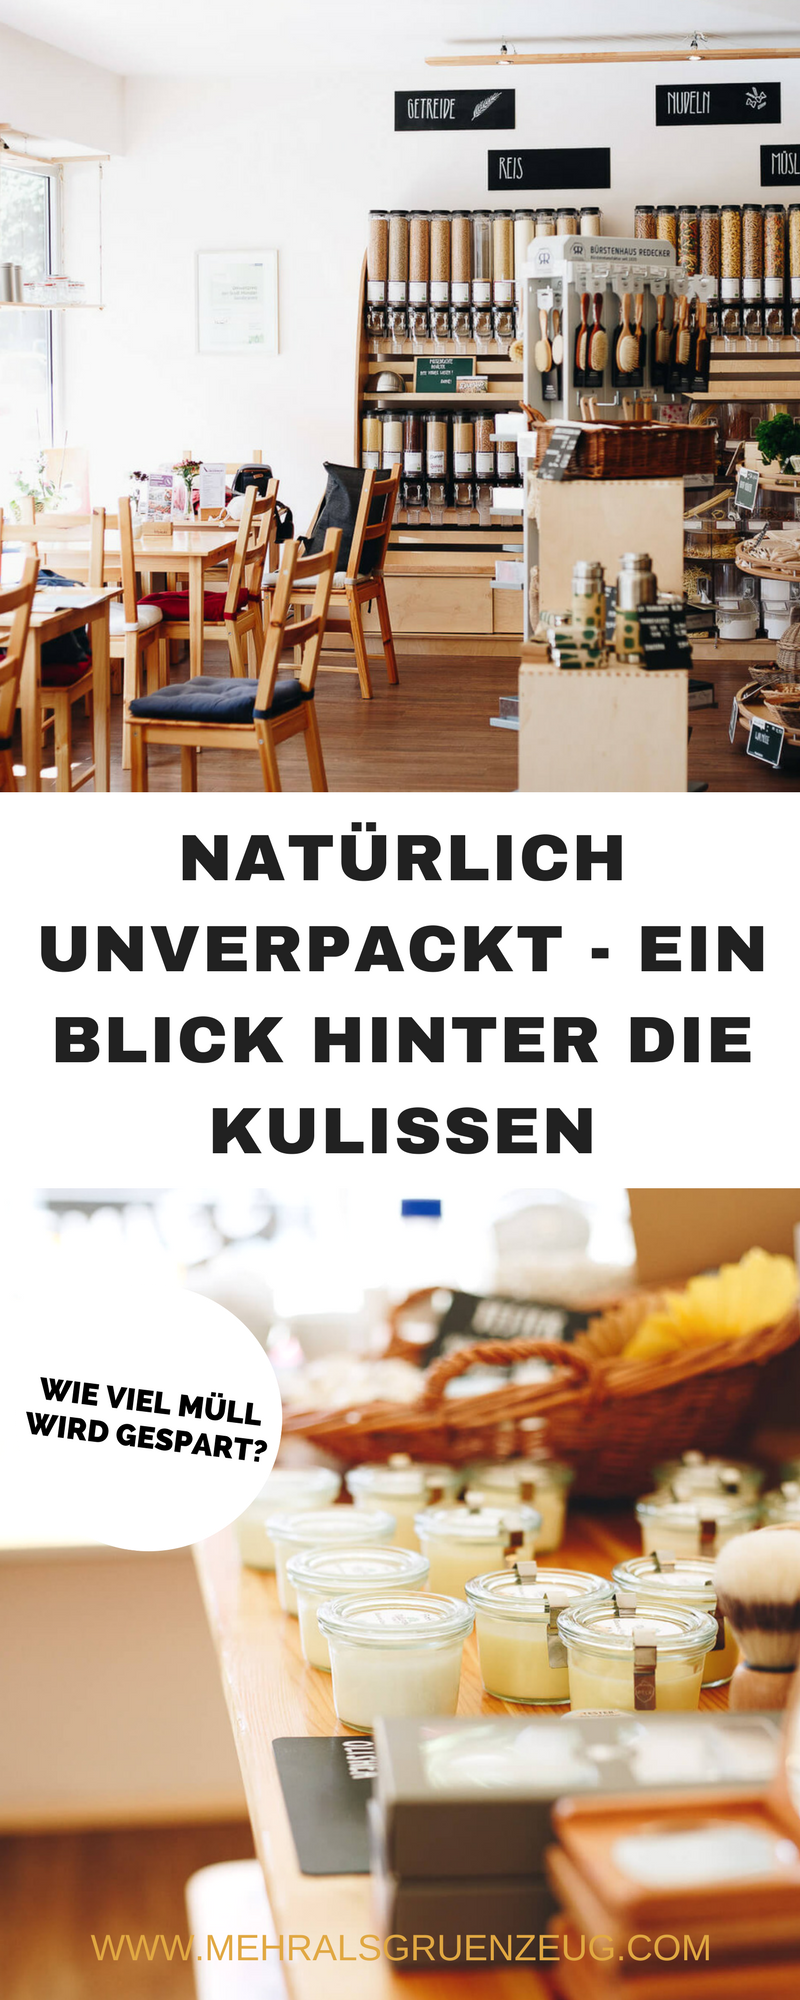 nat rlich unverpackt eine f hrung zero waste in m nster deutschsprachige bloggerinnen das. Black Bedroom Furniture Sets. Home Design Ideas